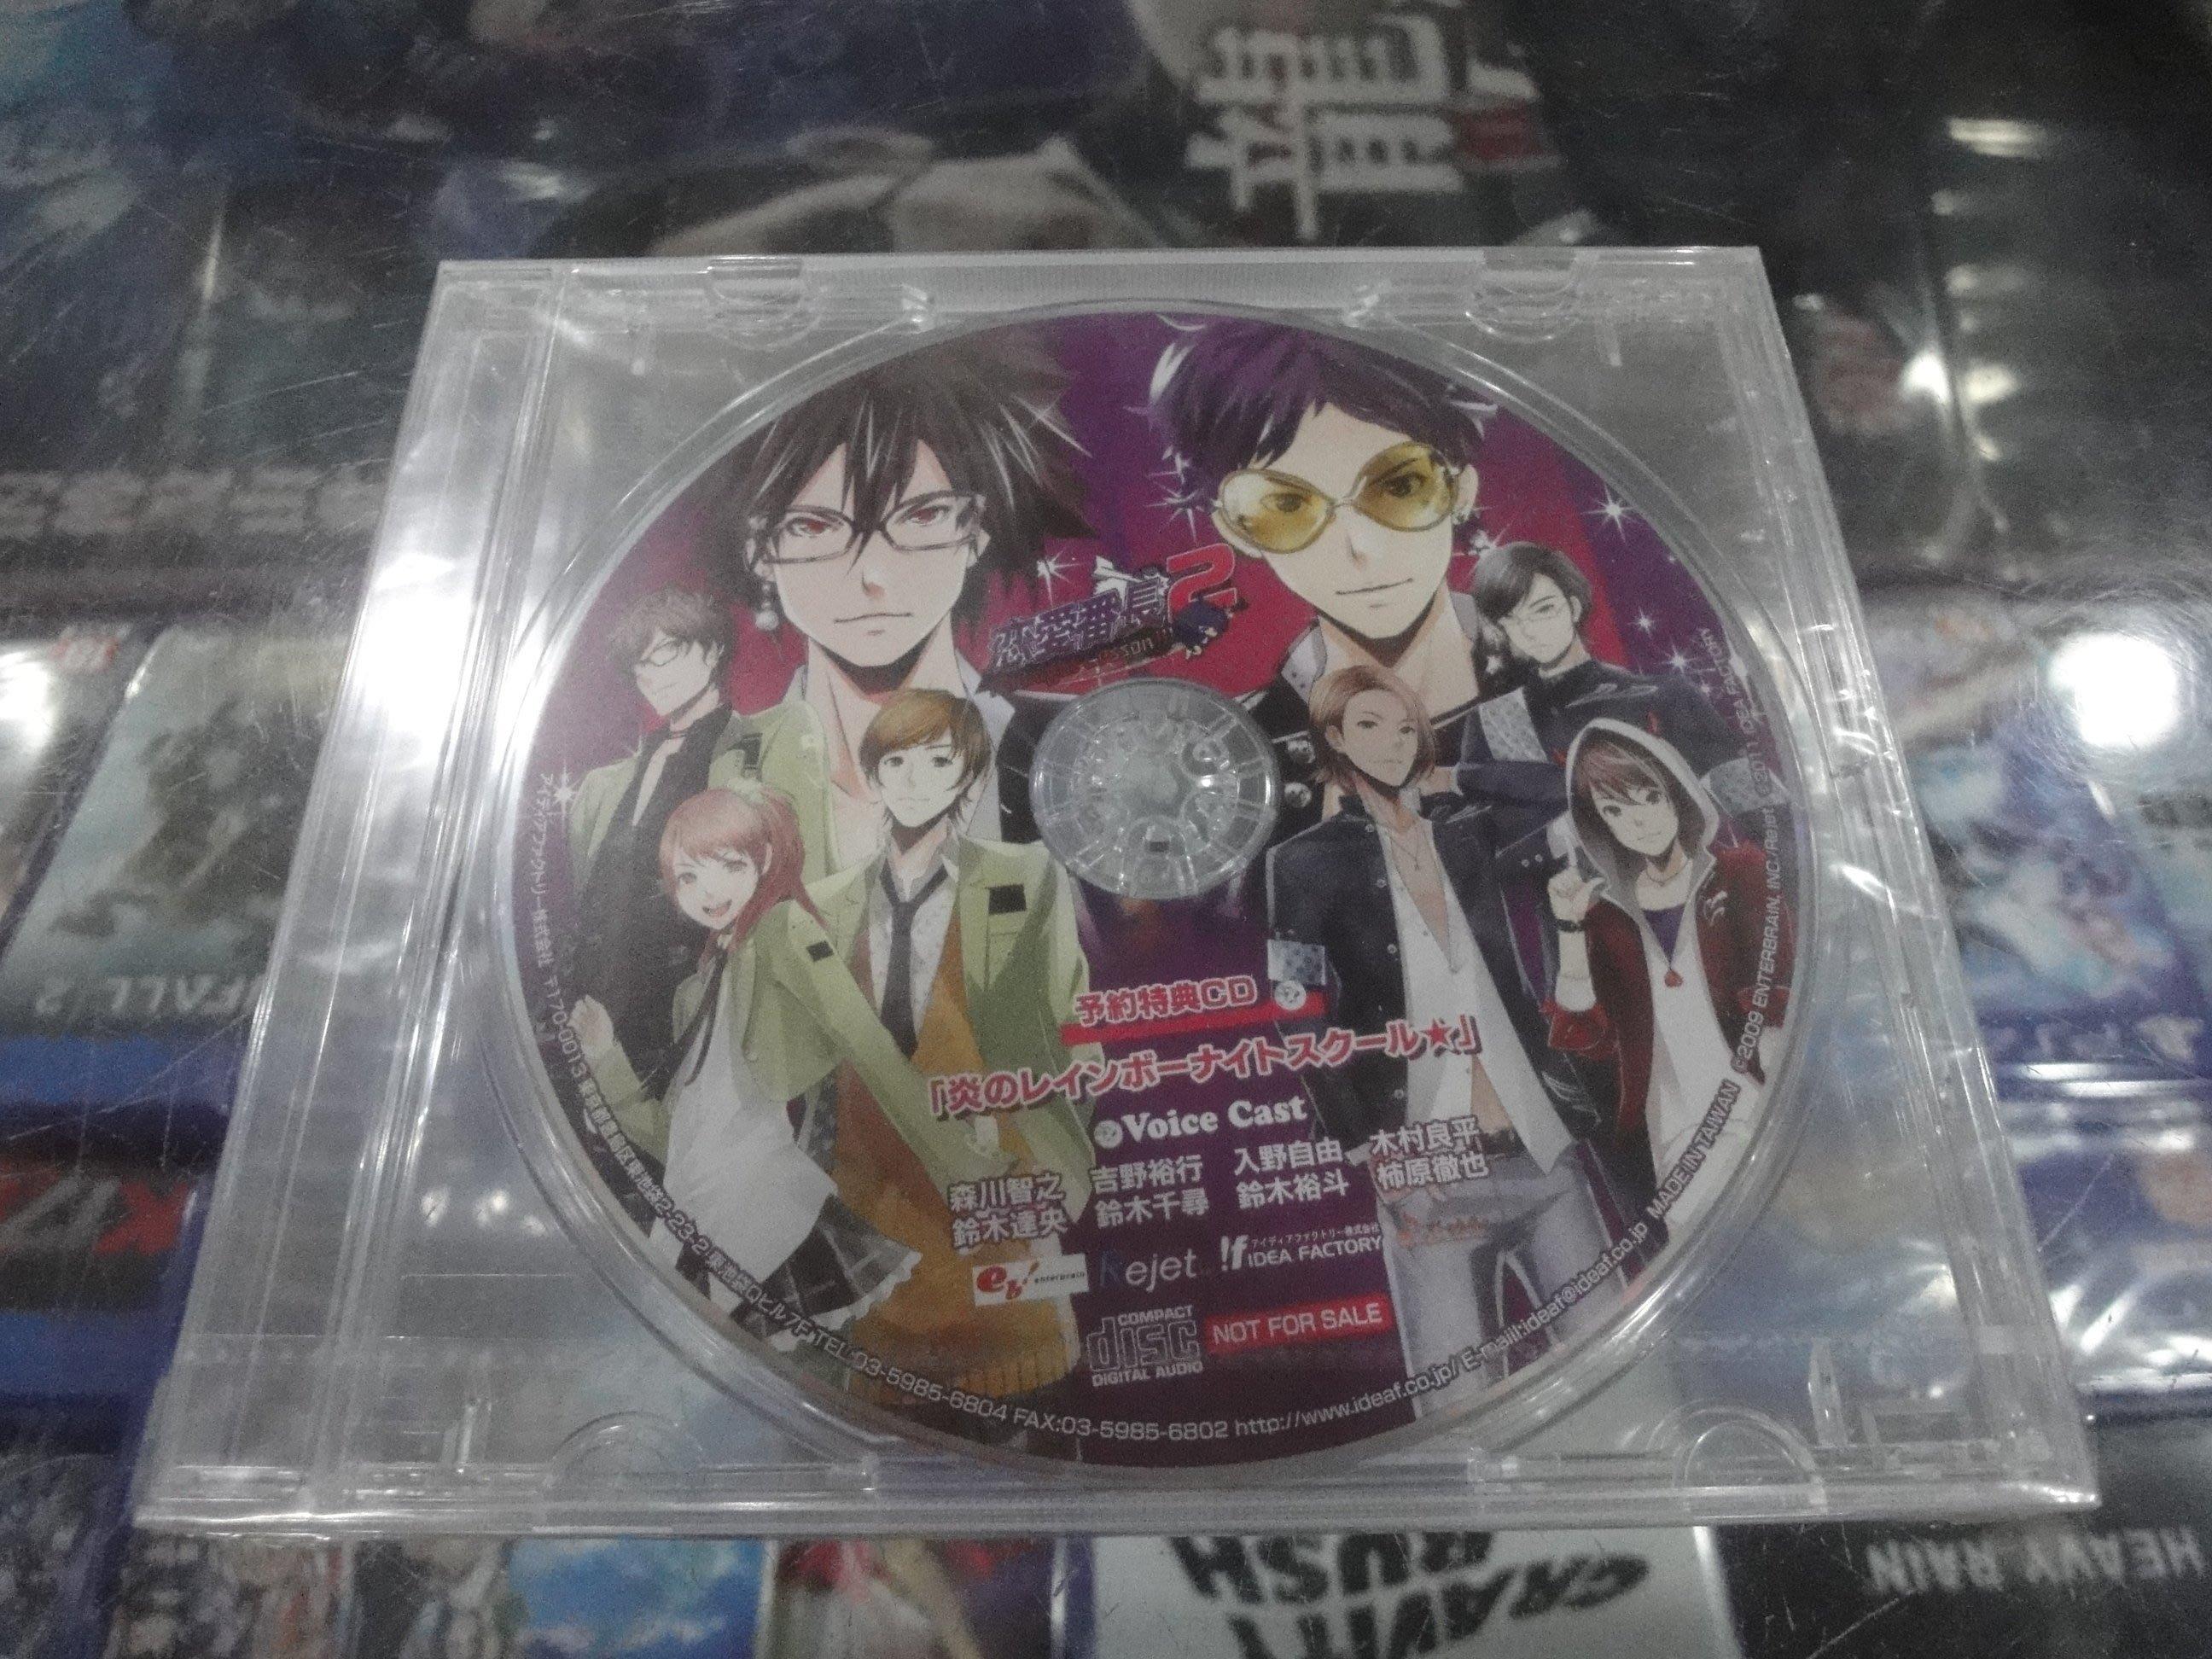 (不含遊戲) PSP 戀愛番長2 PSP 戀愛番長 2 特典 CD 全新品【士林遊戲頻道】